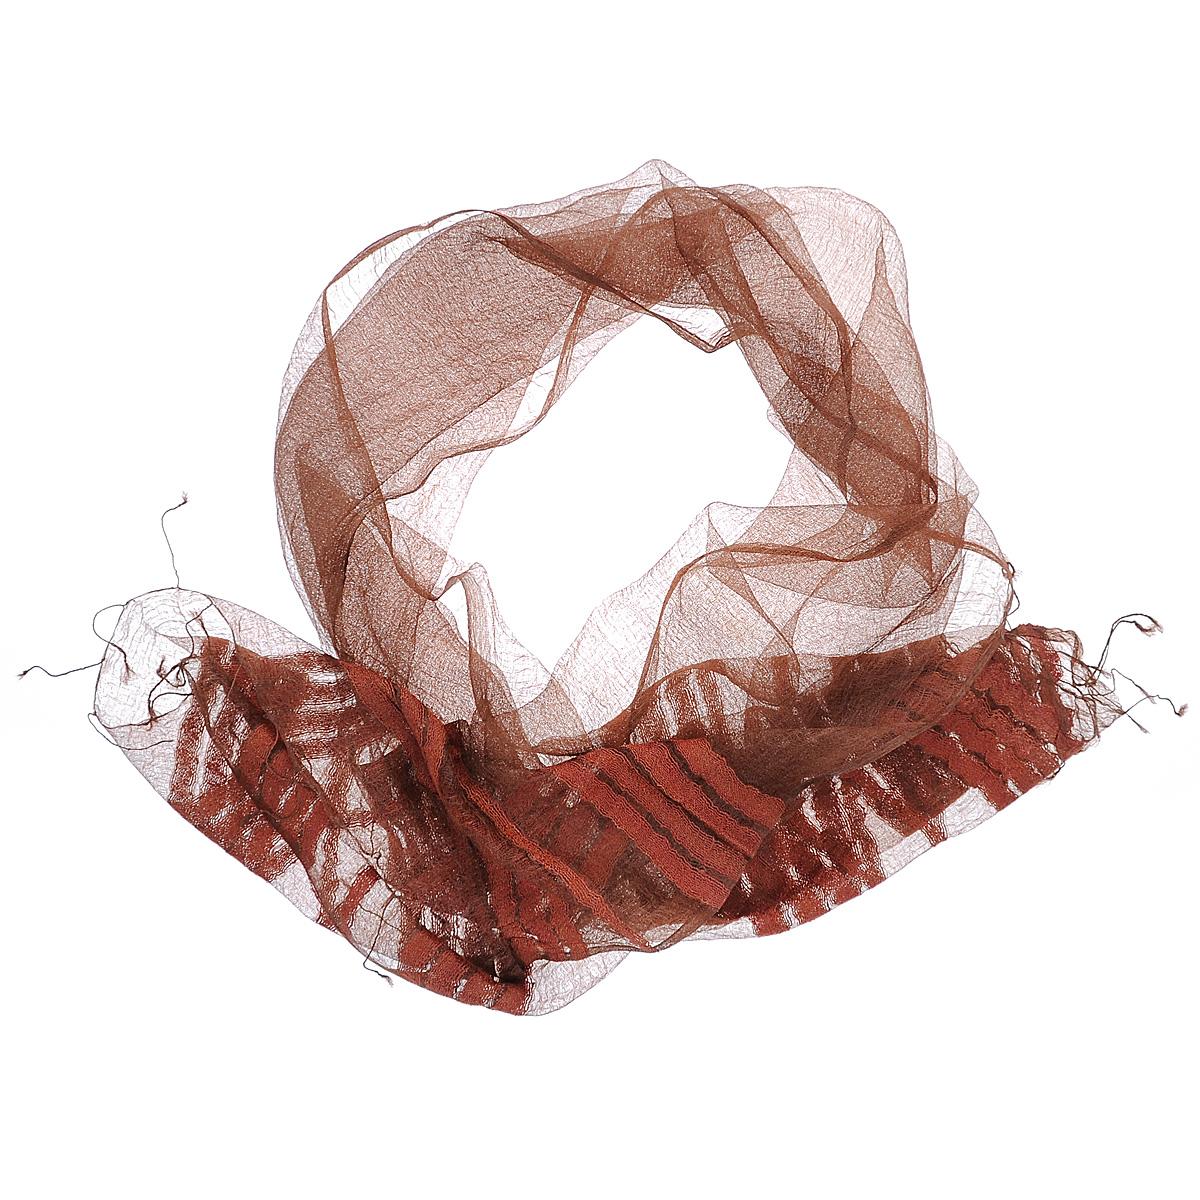 Шарф761125Восхитительный газовый шарф Ethnica выполнен из шелка. Ткань прекрасно драпируется и дарит чувство комфорта. Эта модель, оформленная полосками и тонкими кисточками по краям, добавит индивидуальности вашему образу. Если вы любите фантазировать и не страшитесь экспериментов с собственным имиджем - попробуйте превратить шарф в головную повязку или легкий аксессуар для дамской сумочки. Правильно подобранный шарф делает образ женщины завершенным! Такой аксессуар достойно дополнит ваш гардероб.